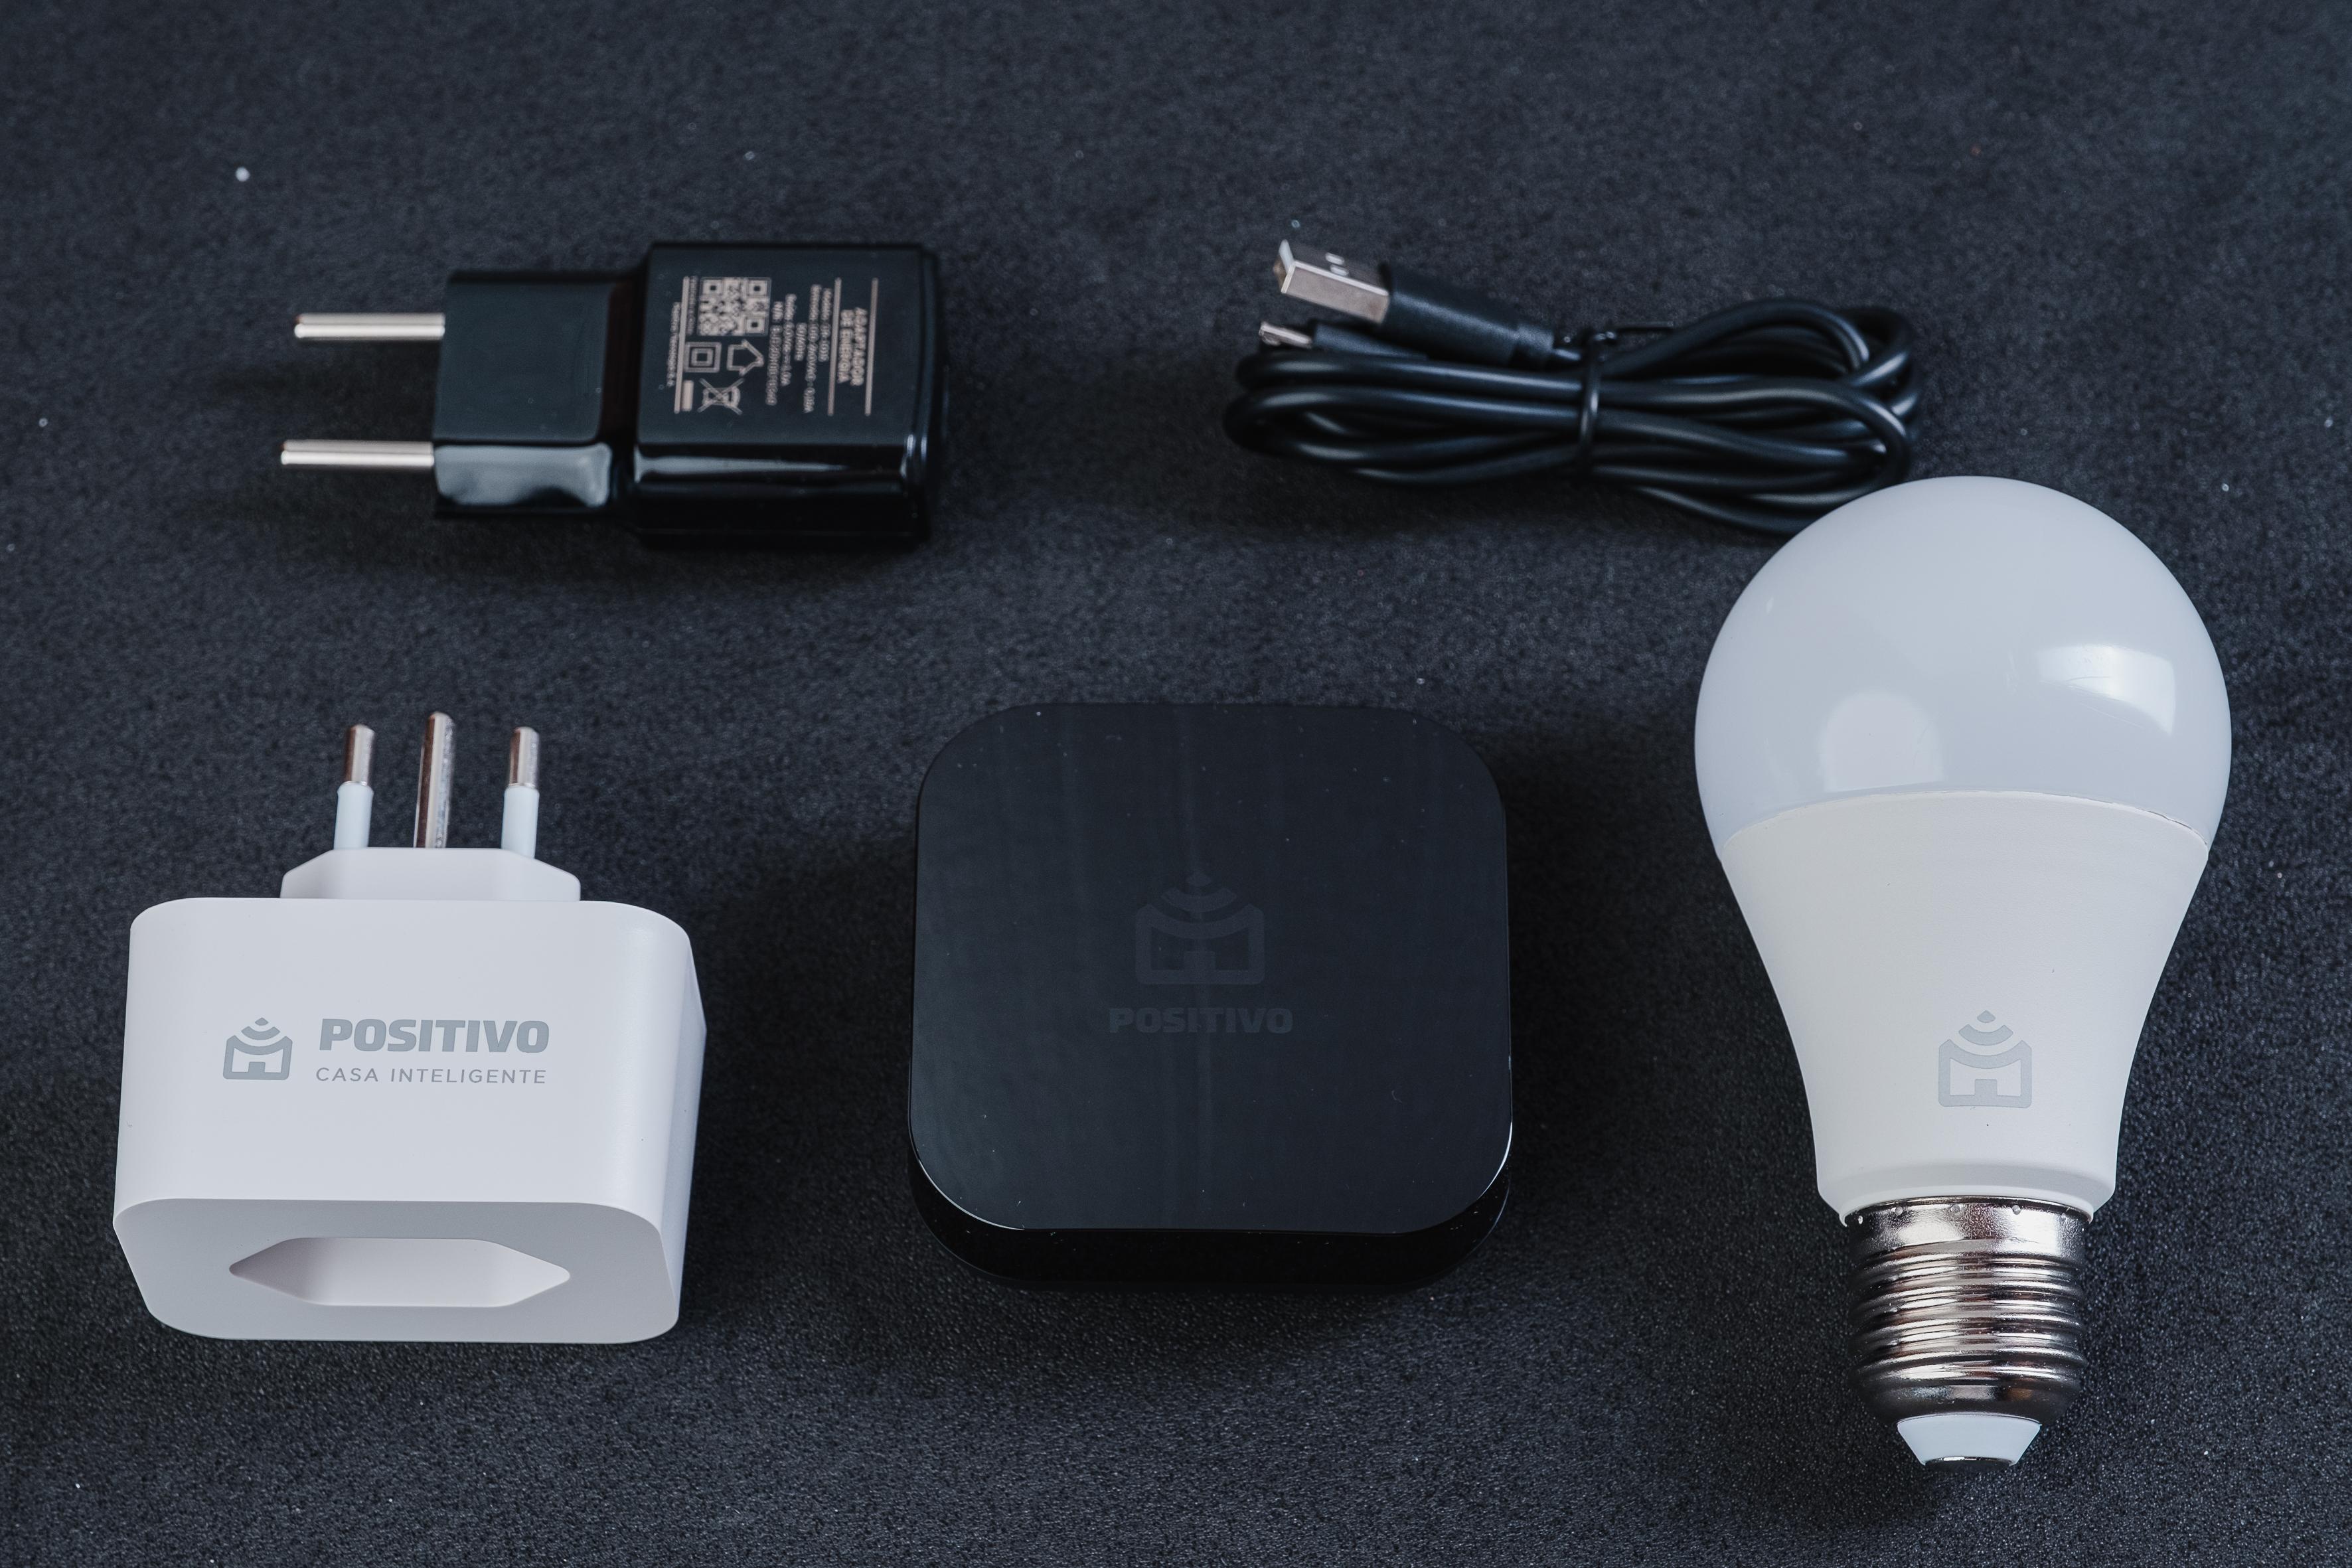 Além dos 3 dispositivos, o kit vem com cabo micro USB e fonte para o Smart Controle (Foto: Zoom)